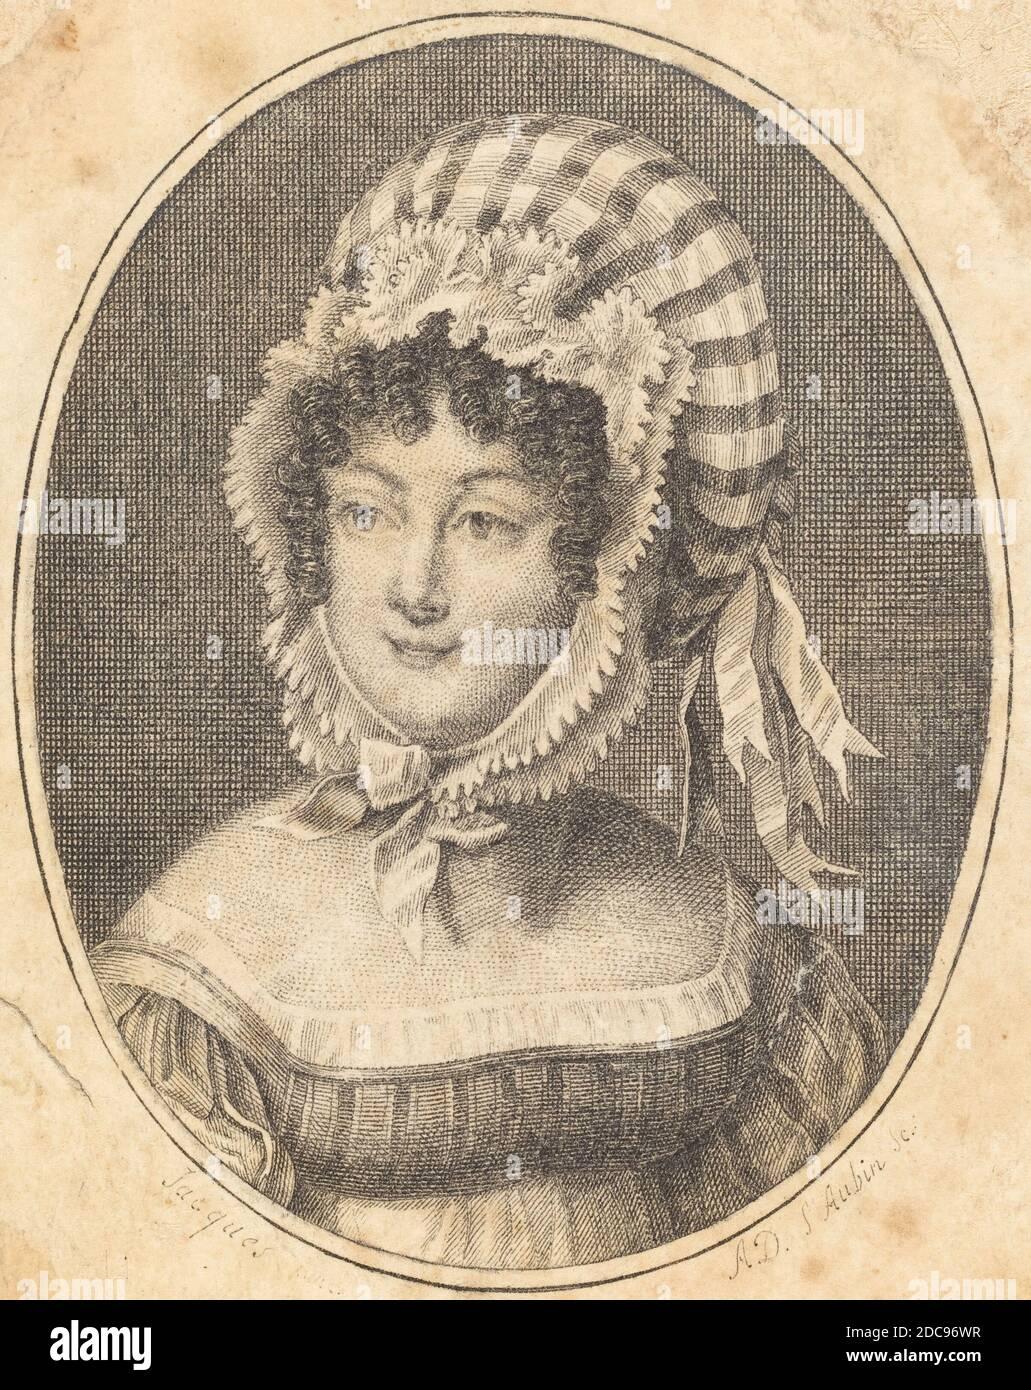 Augustin de Saint-Aubin, (artiste), Français, 1736 - 1807, Chef d'une femme portant un chapeau rayé, gravure Banque D'Images